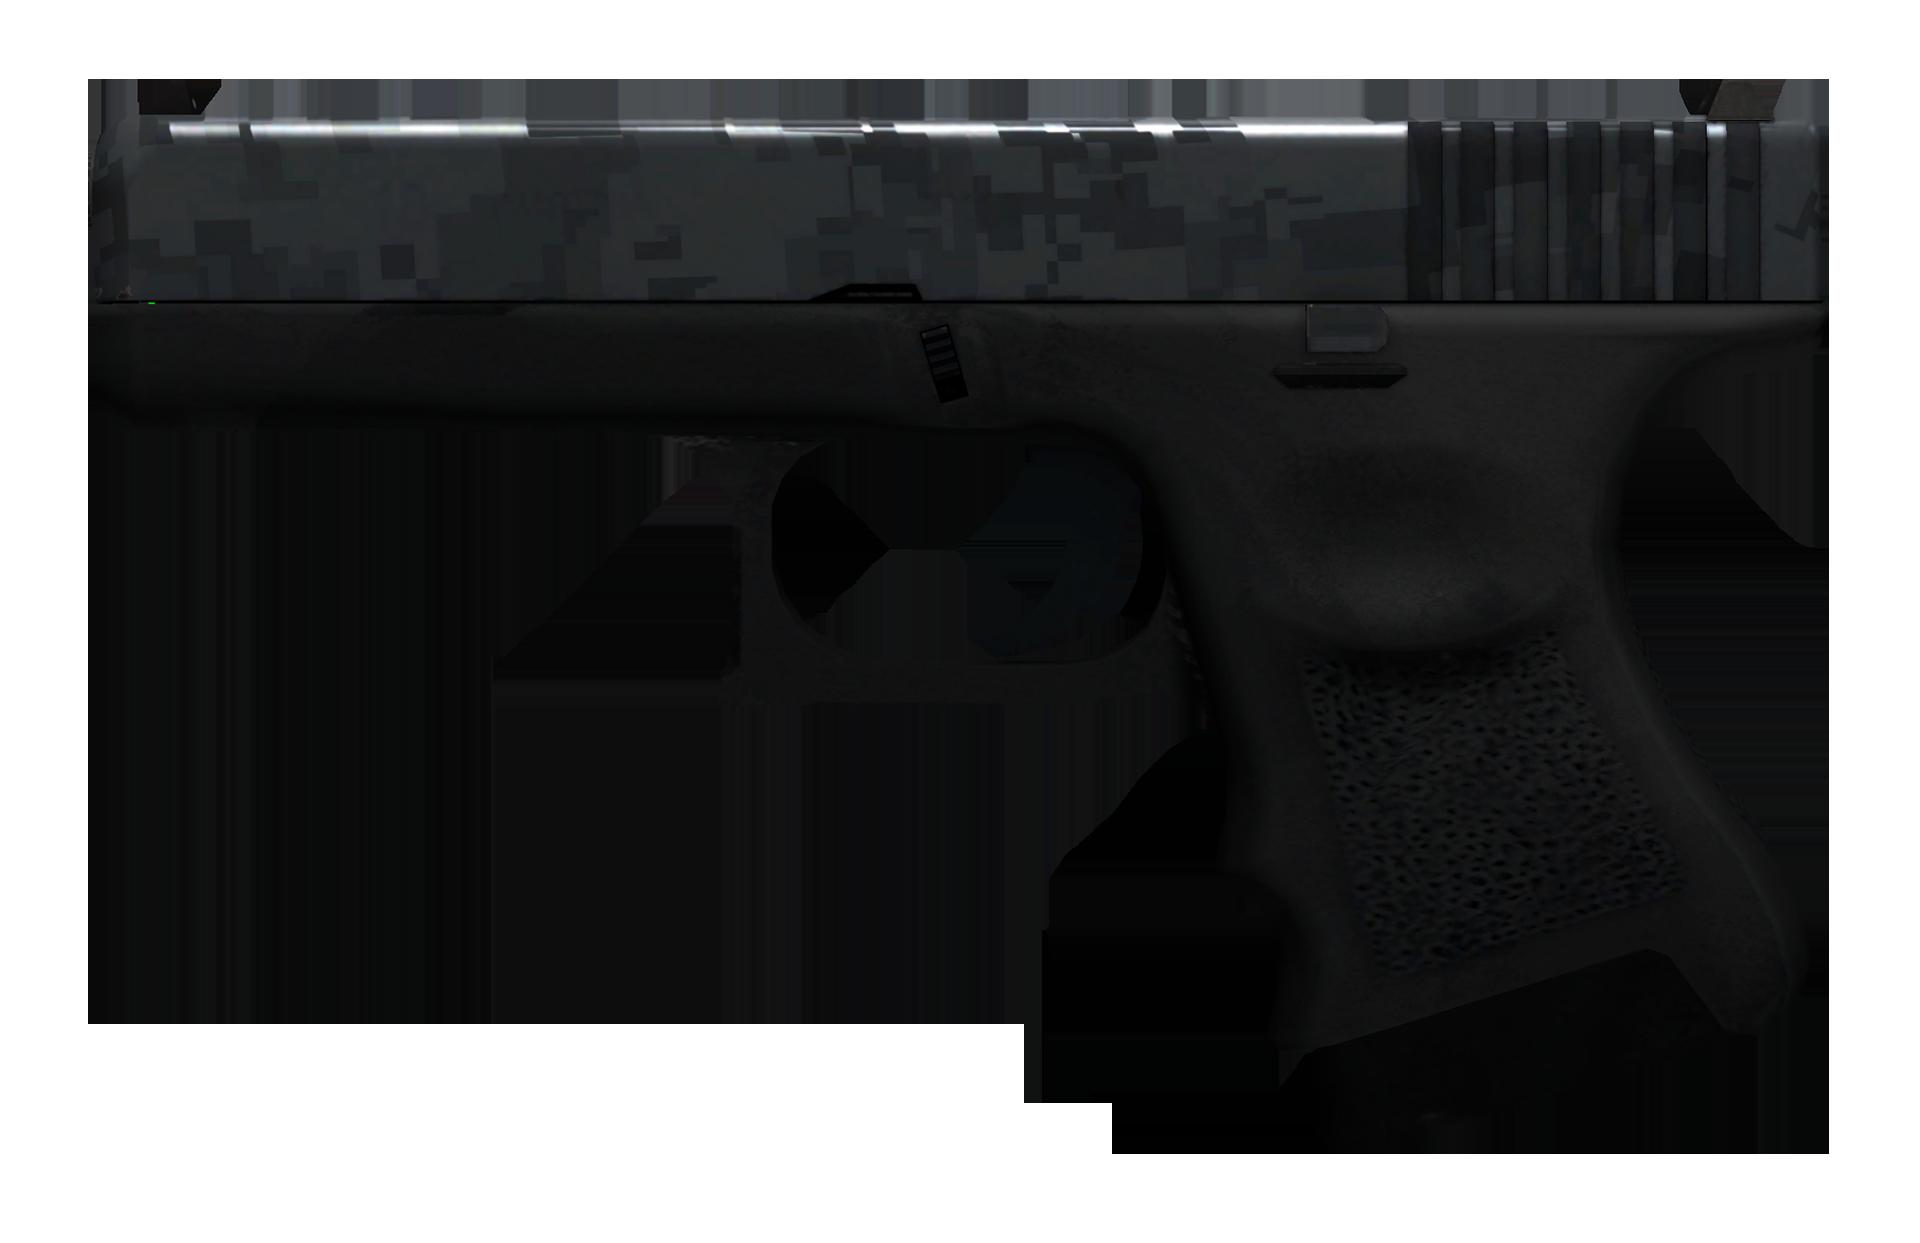 Glock-18 Steel Disruption Large Rendering